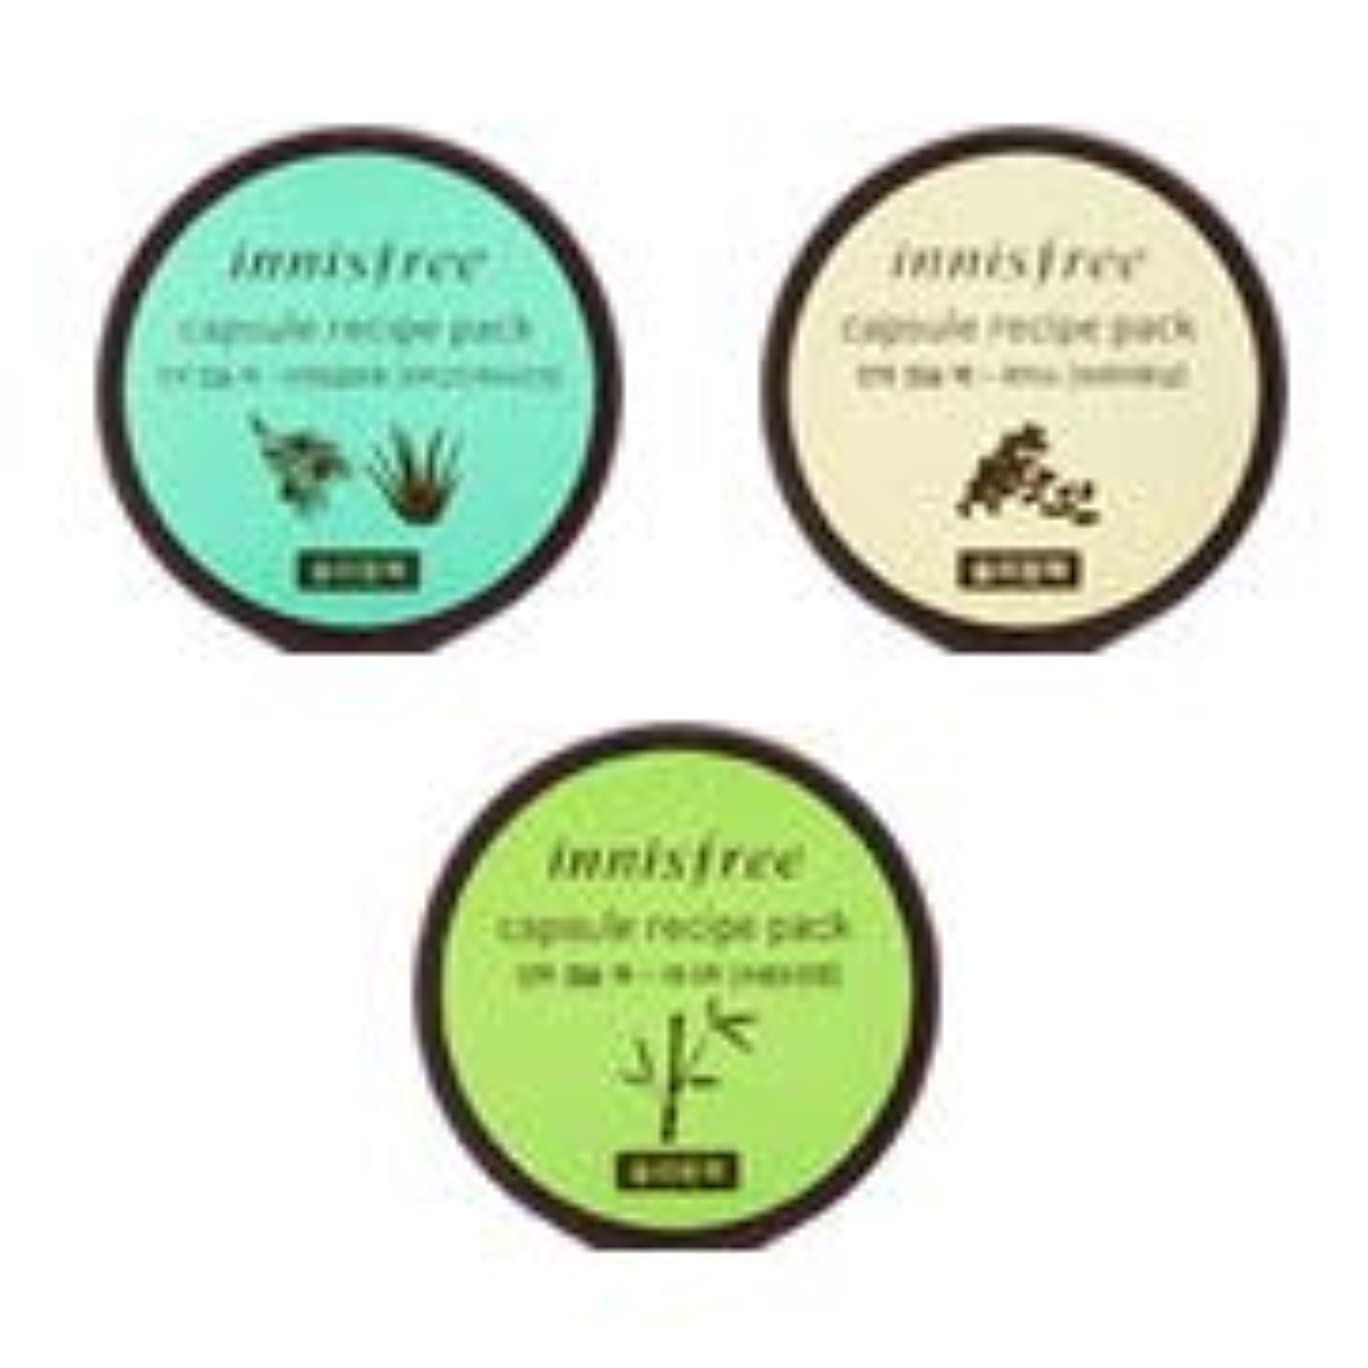 同化する禁止するスプーンinnisfree(イニスフリー) 津液カプセル スリーピング パック10ml(3種類選択3個)[並行輸入品]